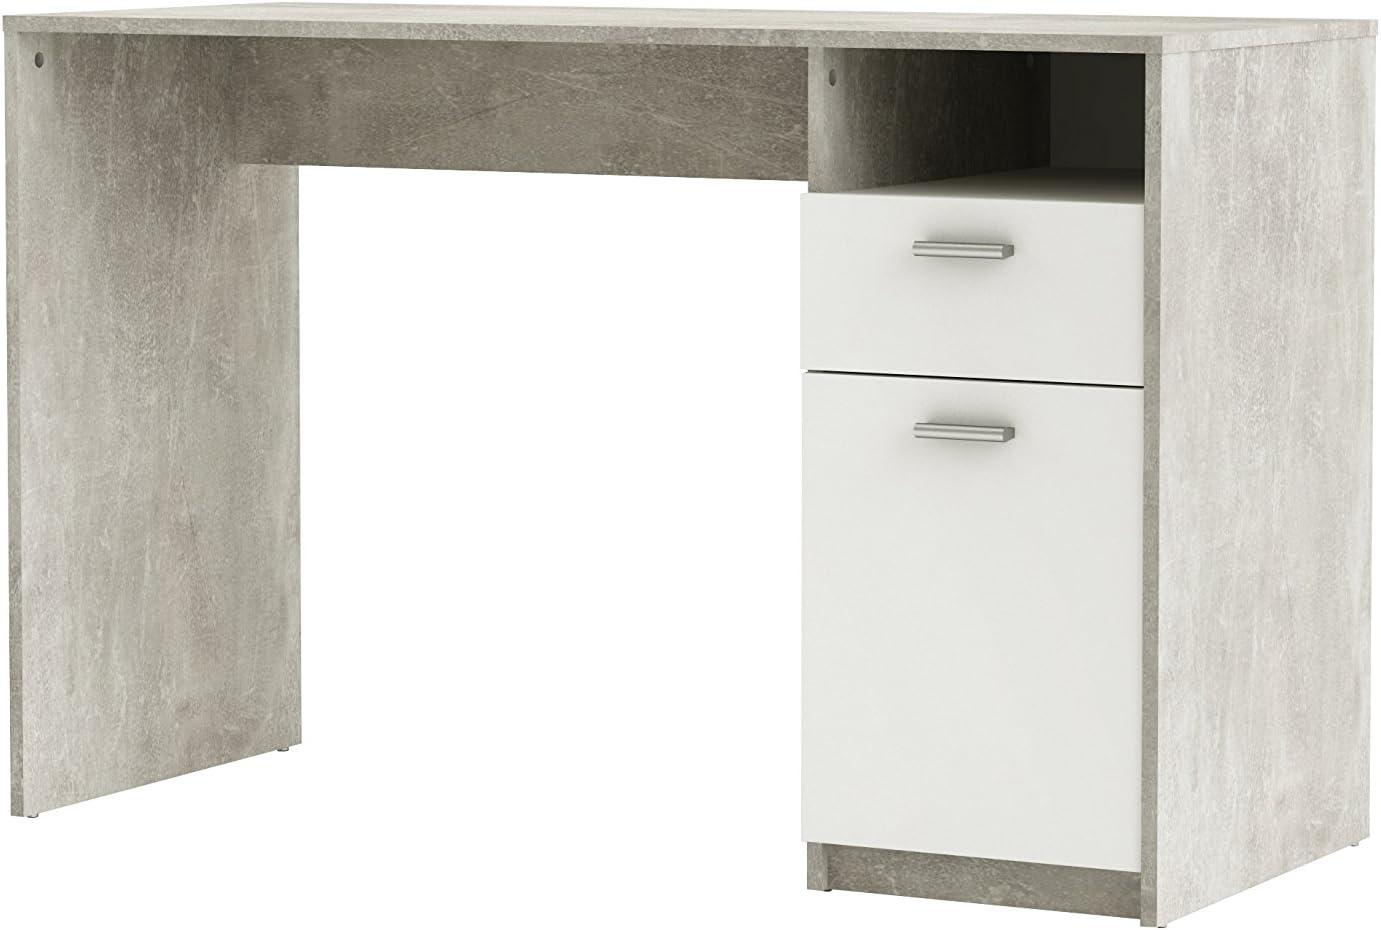 Portaombrelli Quadrato con Gancini e Vaschetta Scolapioggia Rimovibile Silver CT Porta Ombrelli in Metallo